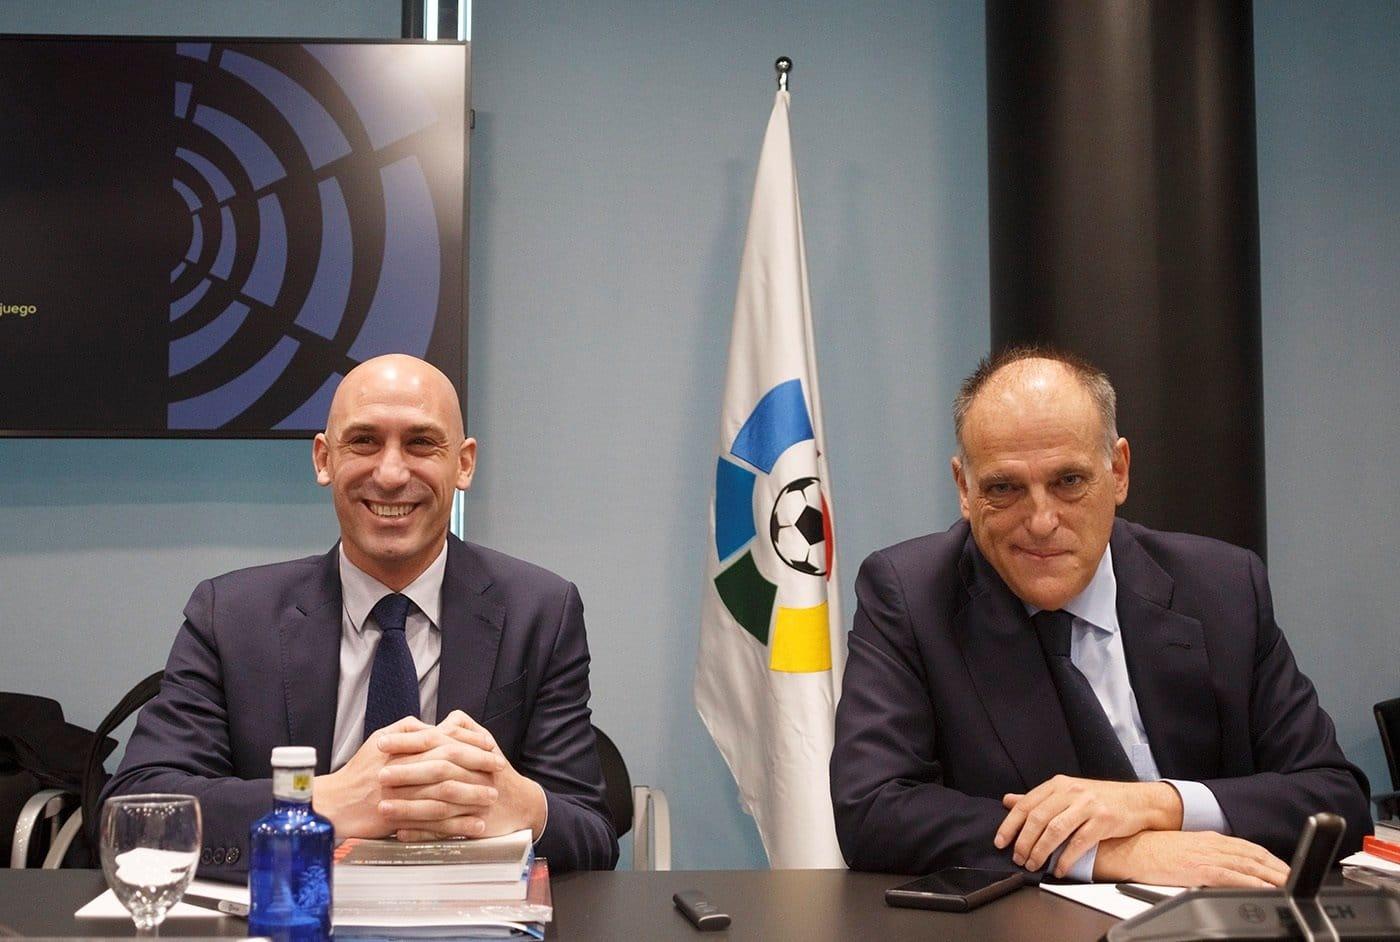 Luis Rubiales, presidente de la RFEFF, y Javier Tebas, que acaba de dimitir para presentarse nuevamente a la presidencia de LaLiga.